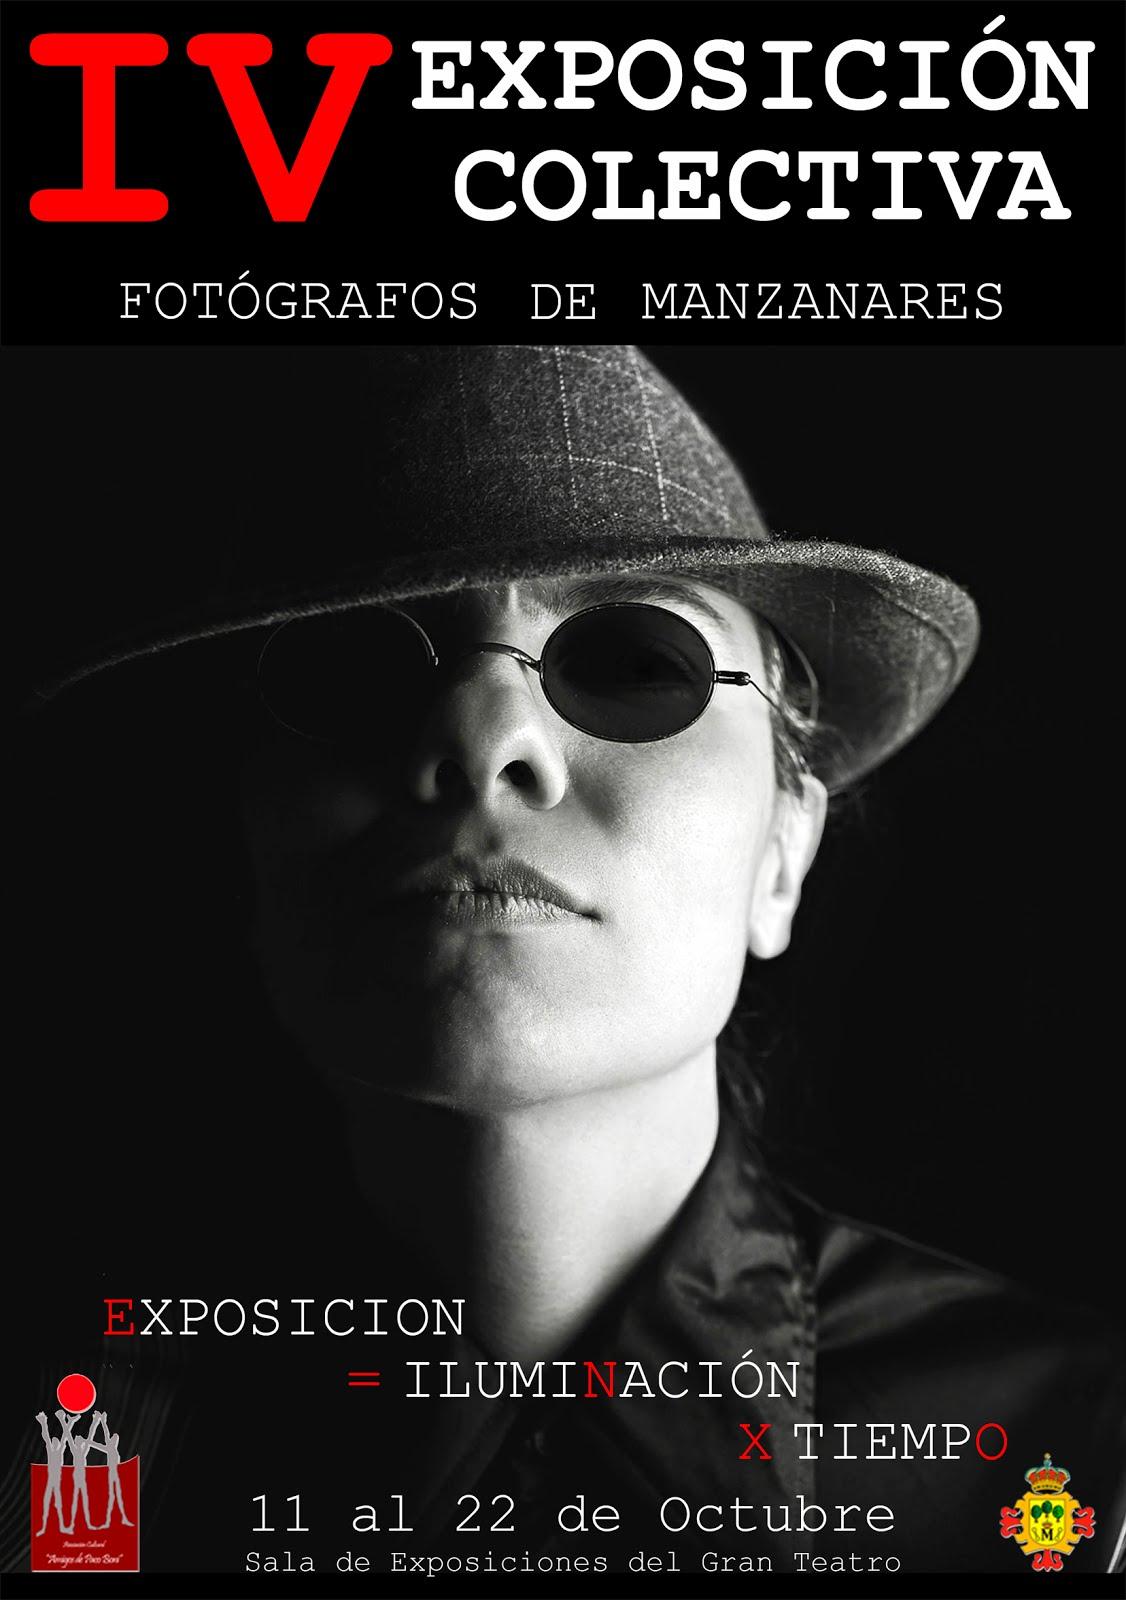 Exposición = Iluminación x Tiempo